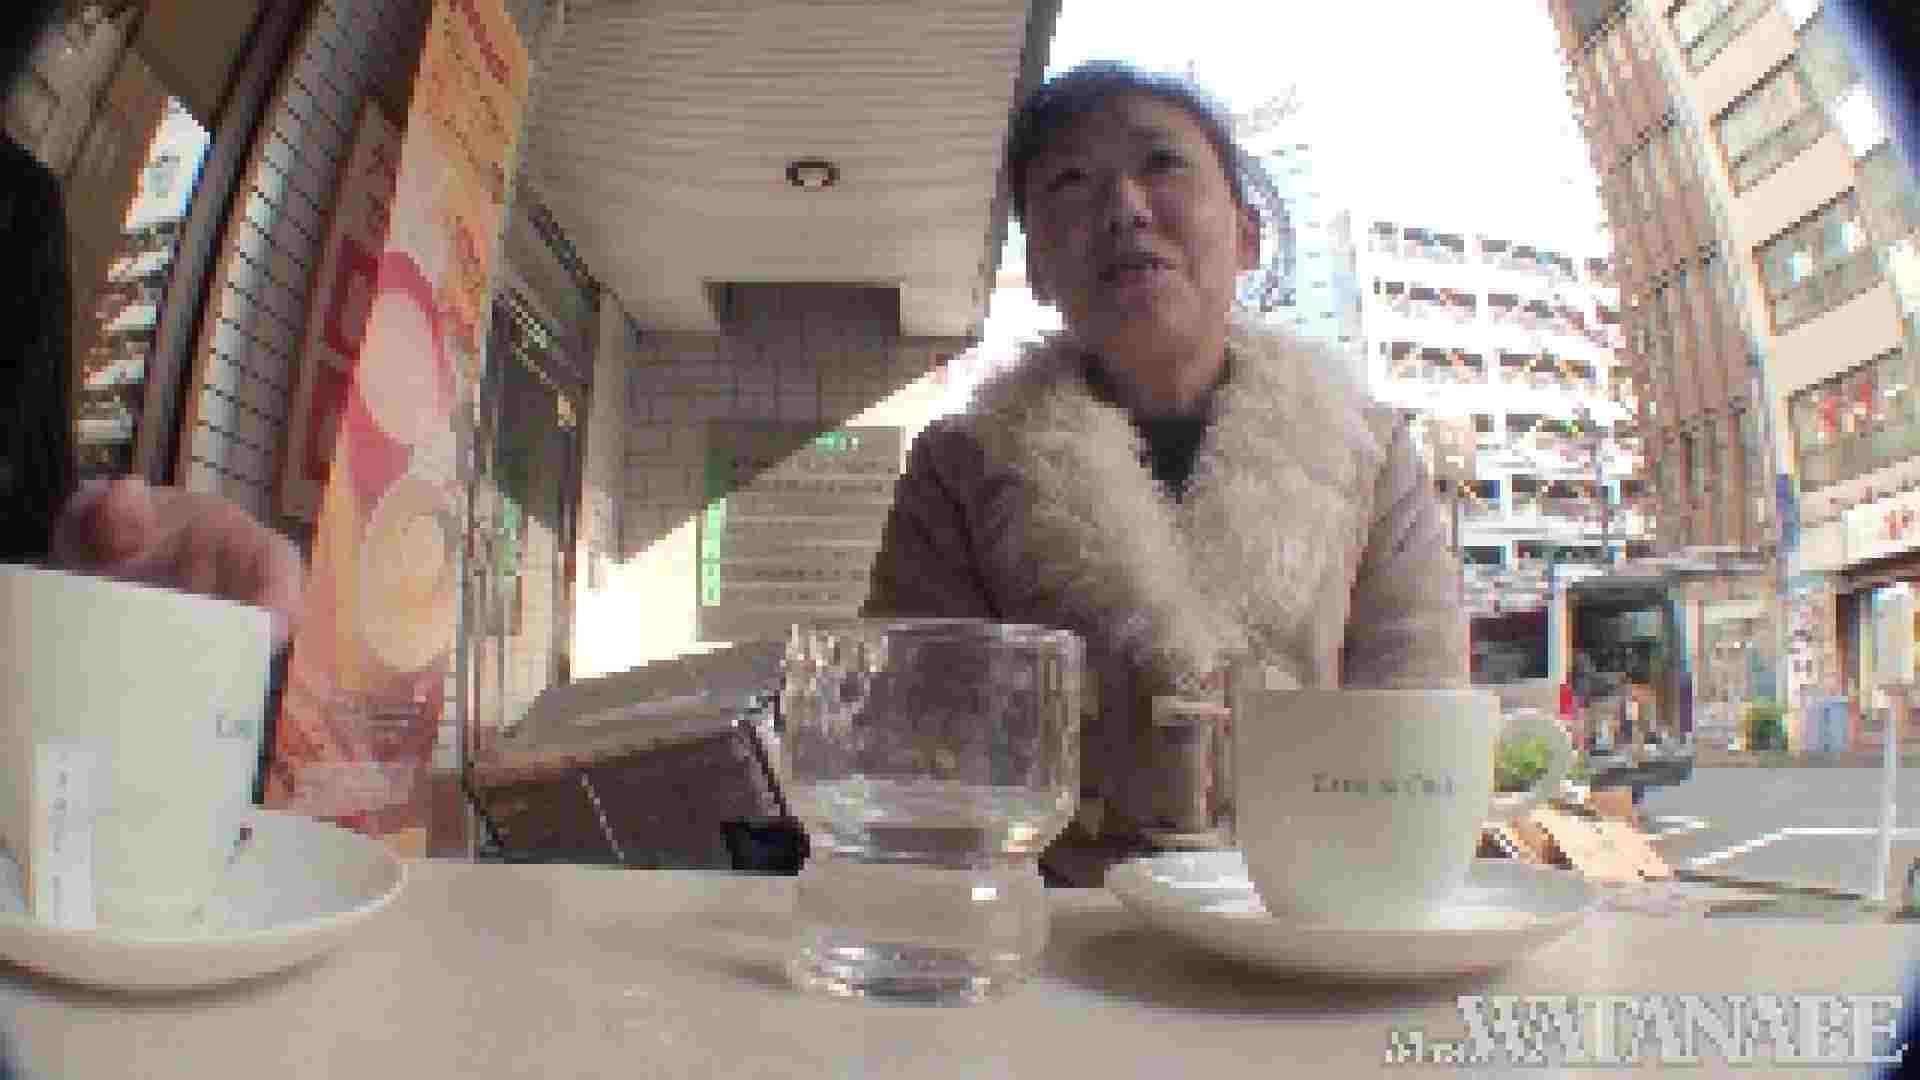 撮影スタッフを誘惑する痴熟女 かおり40歳 Vol.01 OLのエッチ オマンコ動画キャプチャ 73pic 18